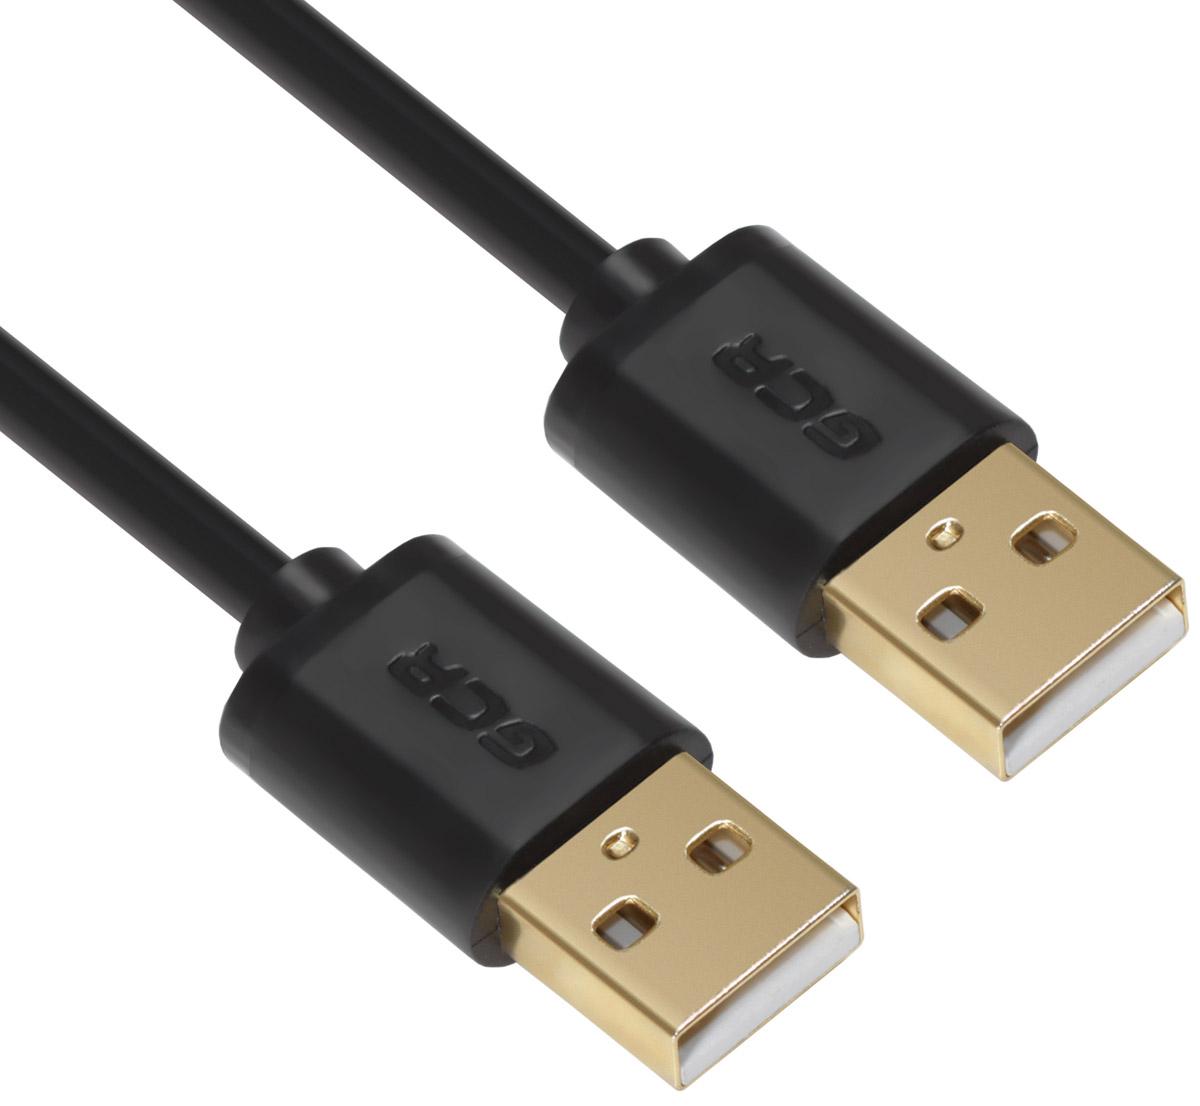 Greenconnect Russia GCR-UM5M-BB2SG, Black кабель USB (3 м)GCR-UM5M-BB2SG-3.0mКабель Greenconnect Russia GCR-UM5M-BB2SG позволит увеличить расстояние до подключаемого устройства. Может быть использован с различными USB девайсами. Экранирование кабеля позволит защитить сигнал при передаче от влияния внешних полей, способных создать помехи.